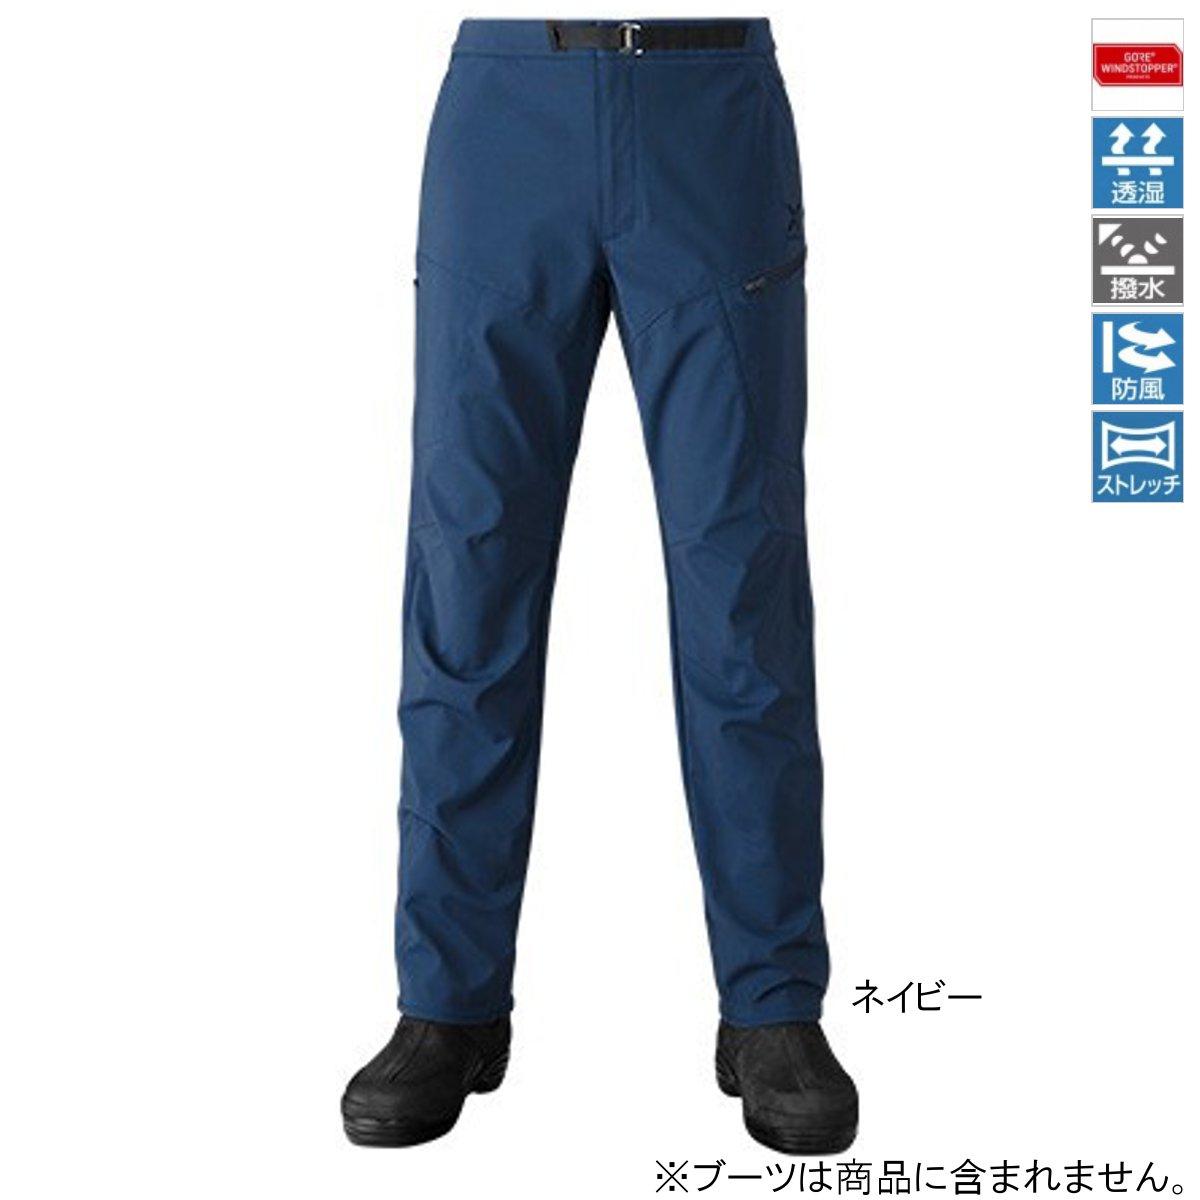 シマノ XEFO GORE WINDSTOPPER ボトム PA-241R XL ネイビー【送料無料】